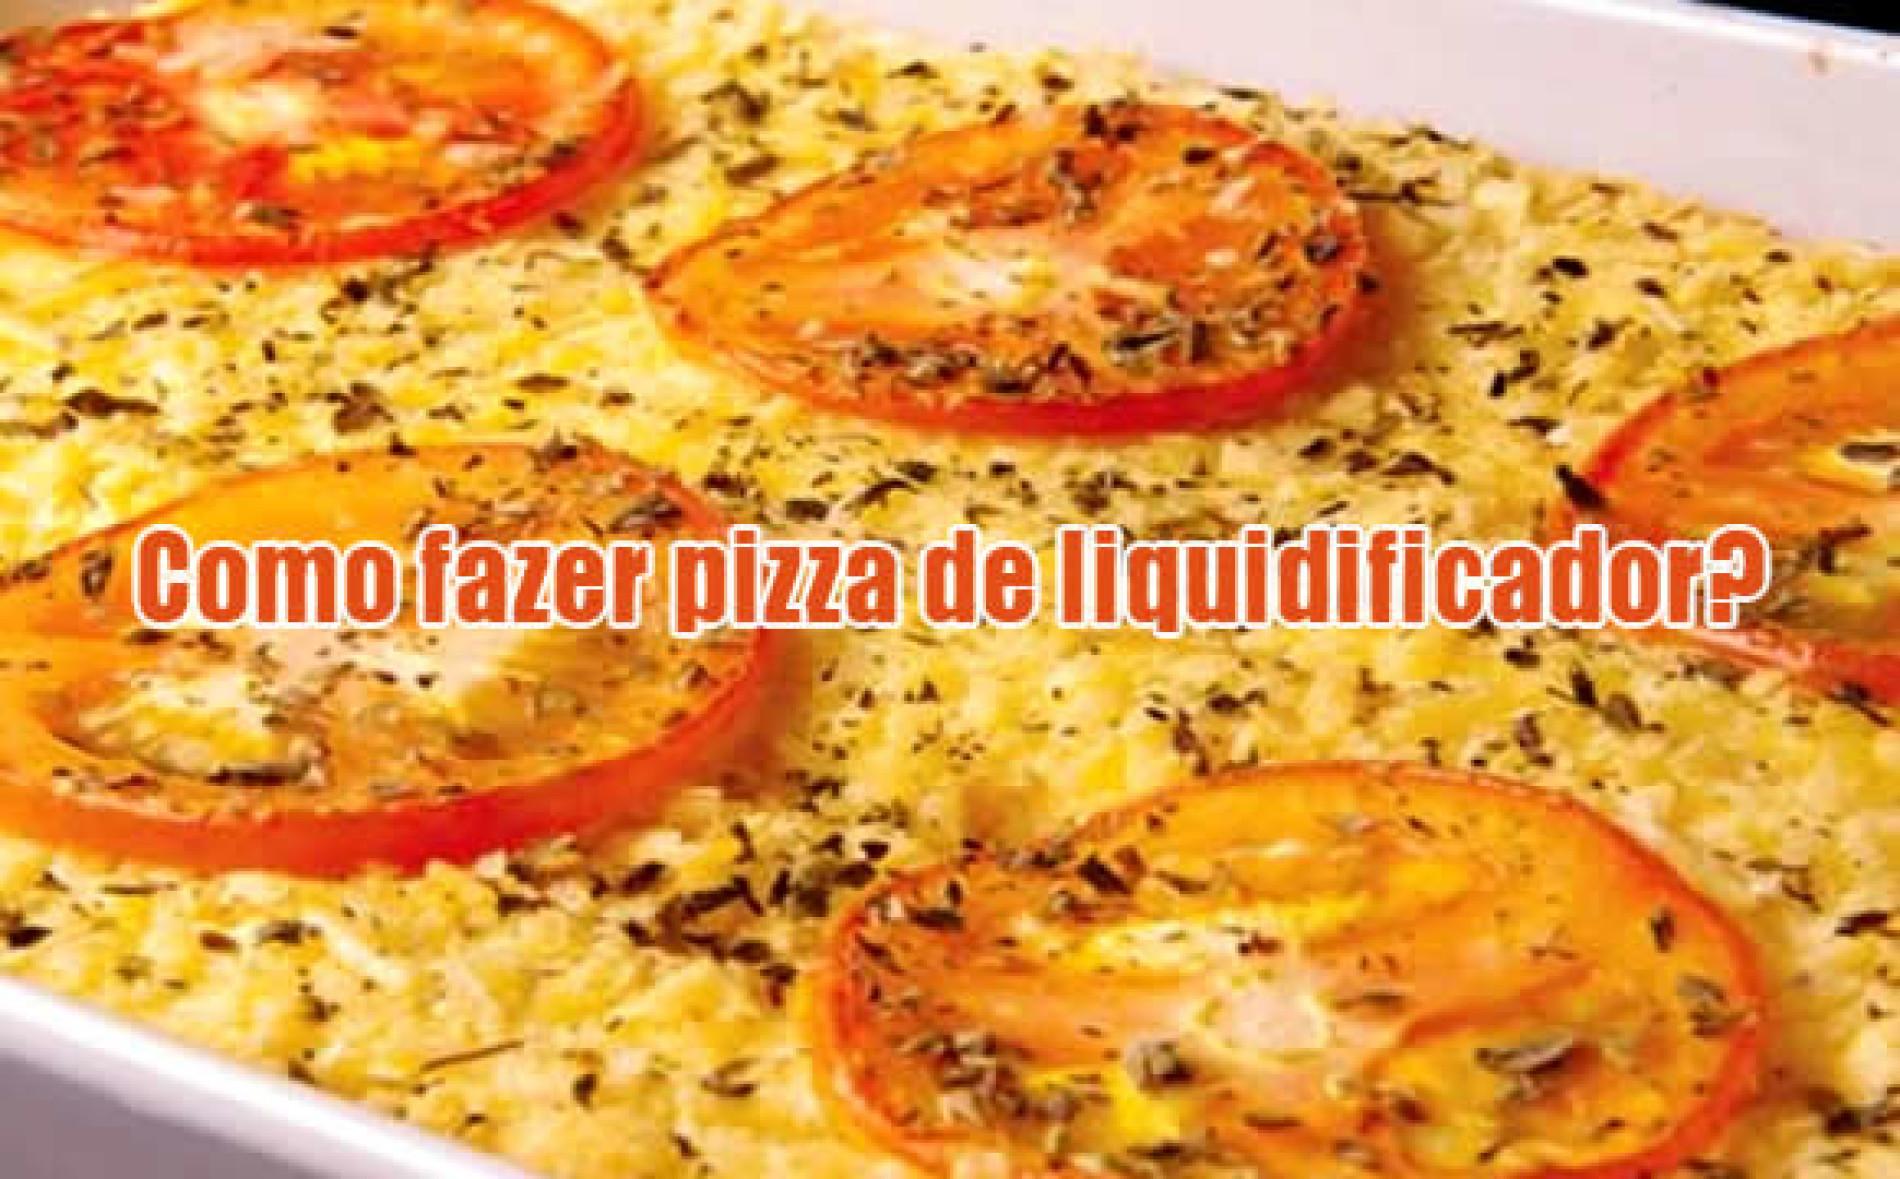 Como fazer pizza de liquidificador – Receita de forno